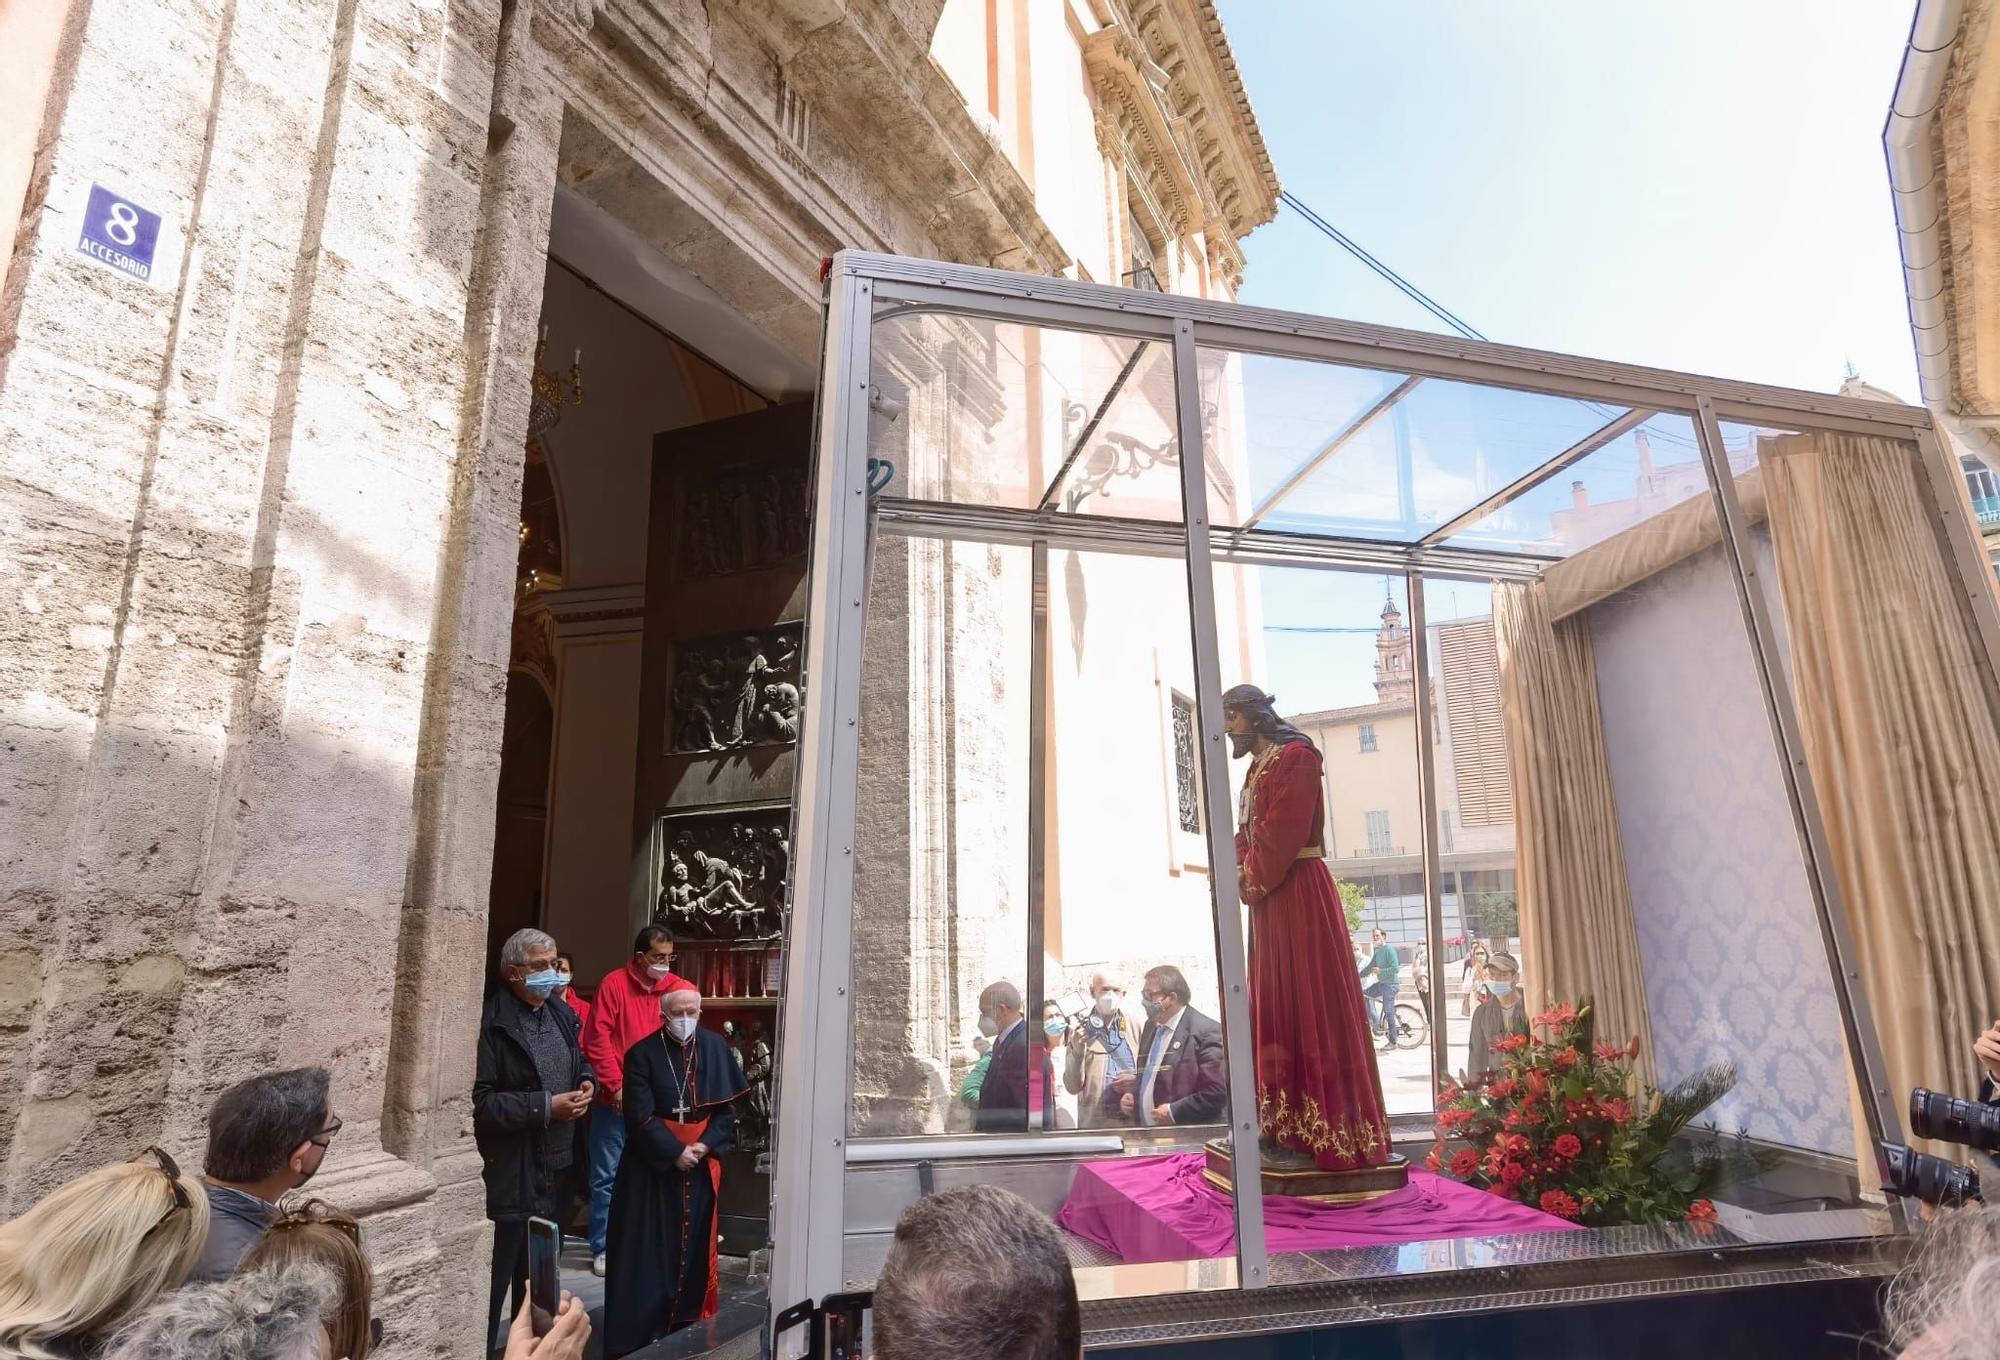 Cristo visita a la Virgen en la catedral